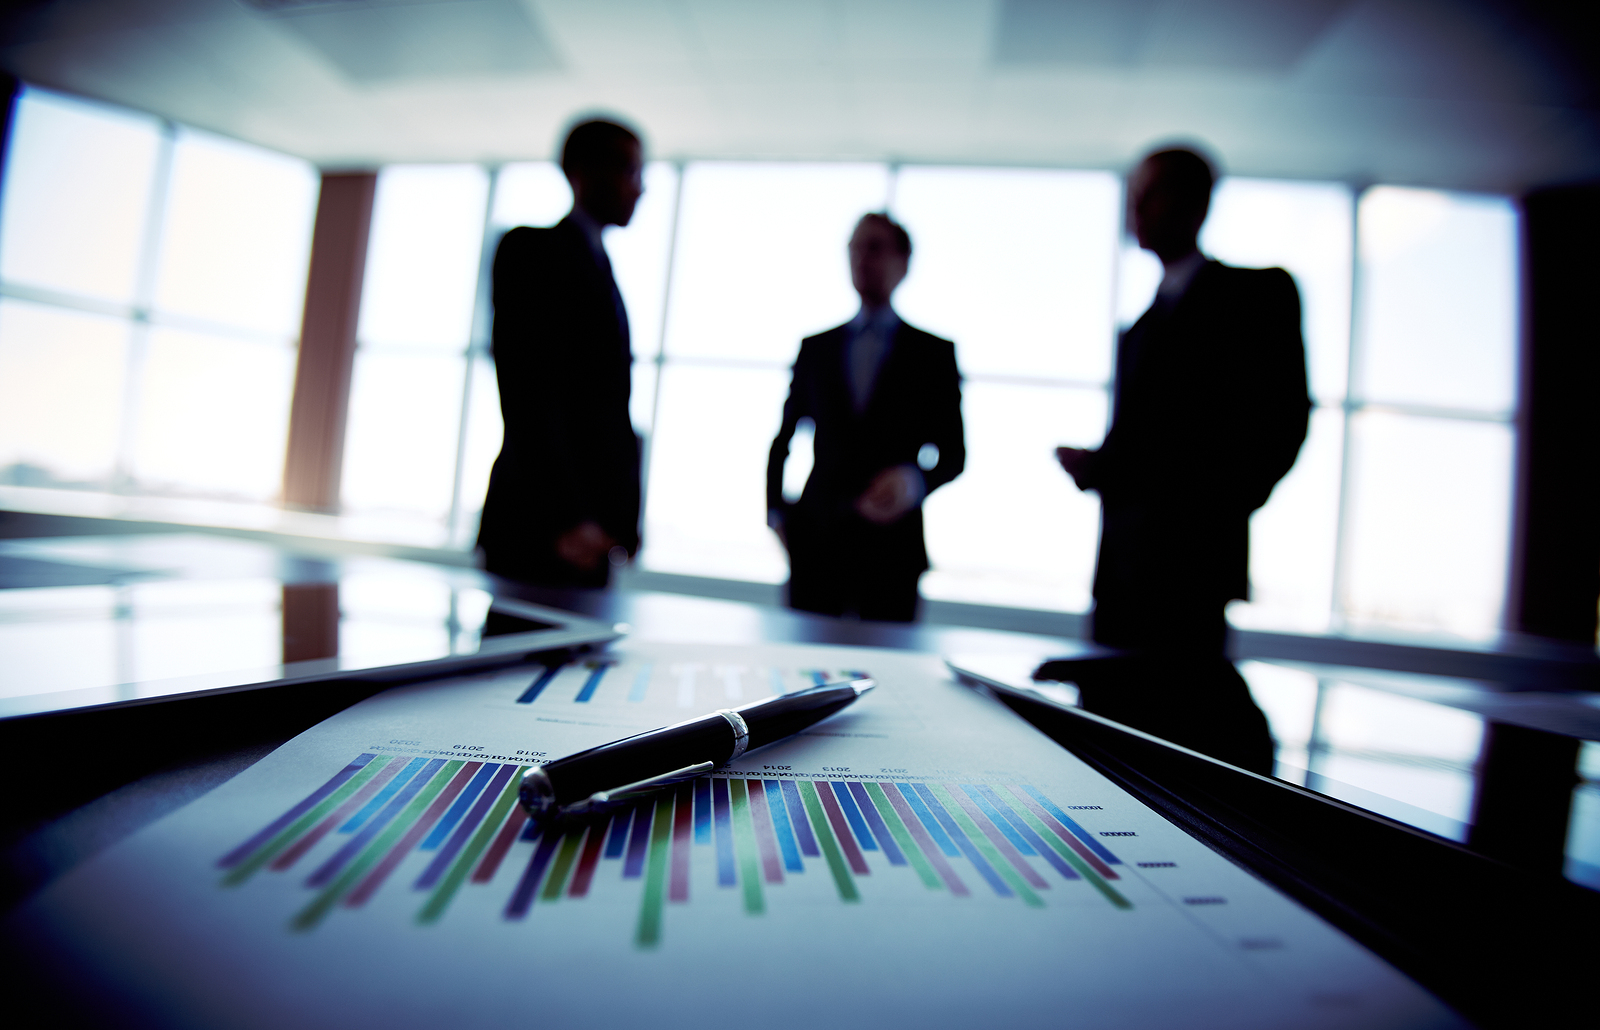 说唱韵脚企业在巴西经营的不同阶段的主要税务风险 长期经营 第一现